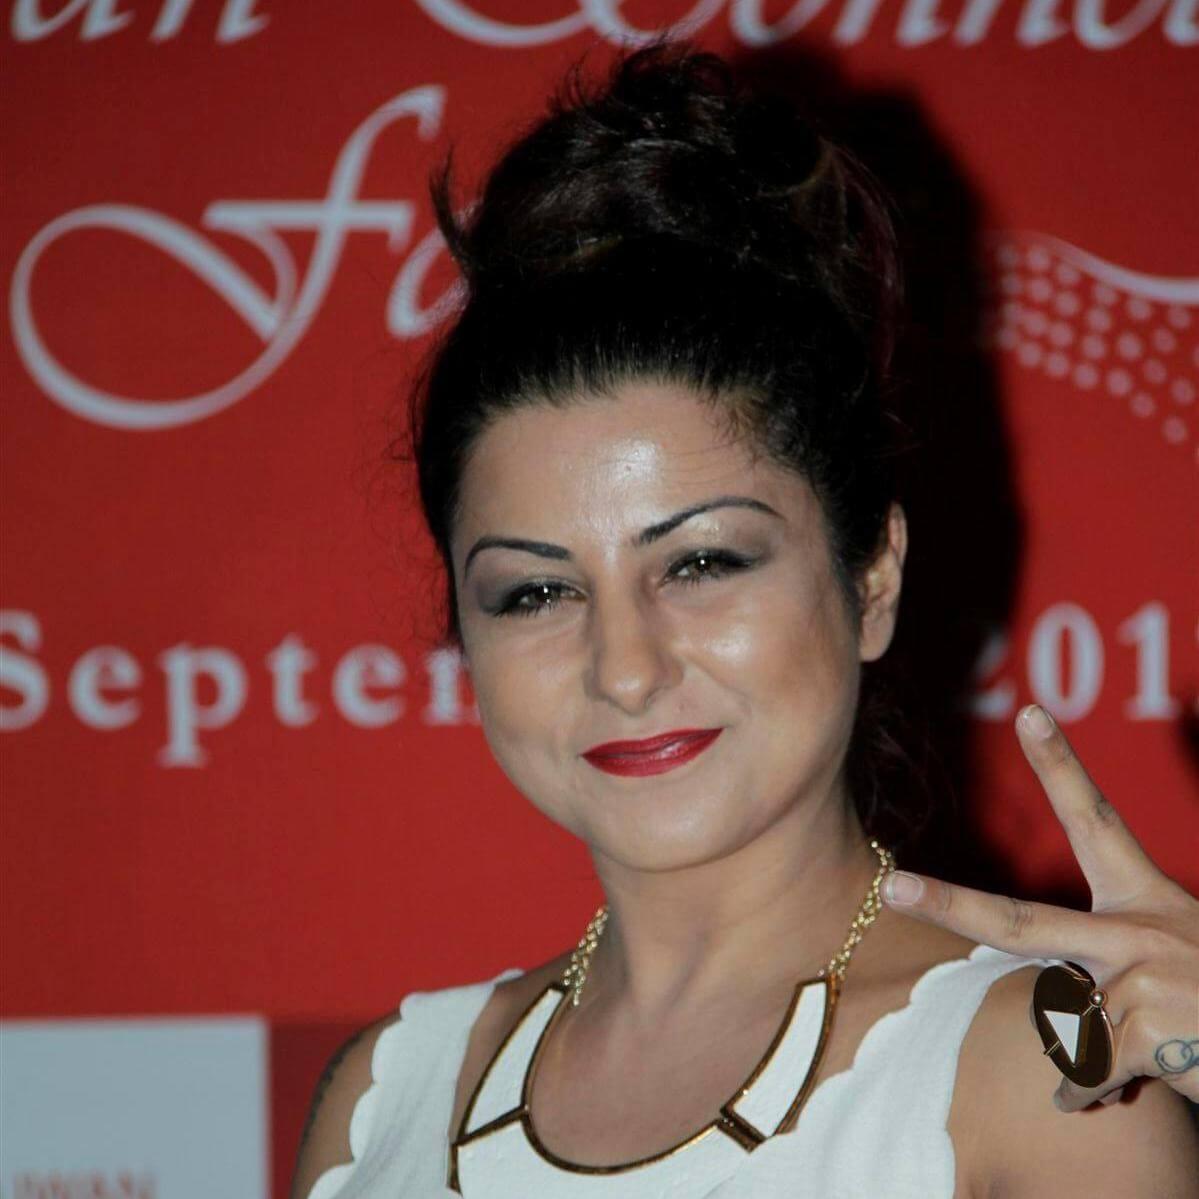 Taran Kaur Dhillon